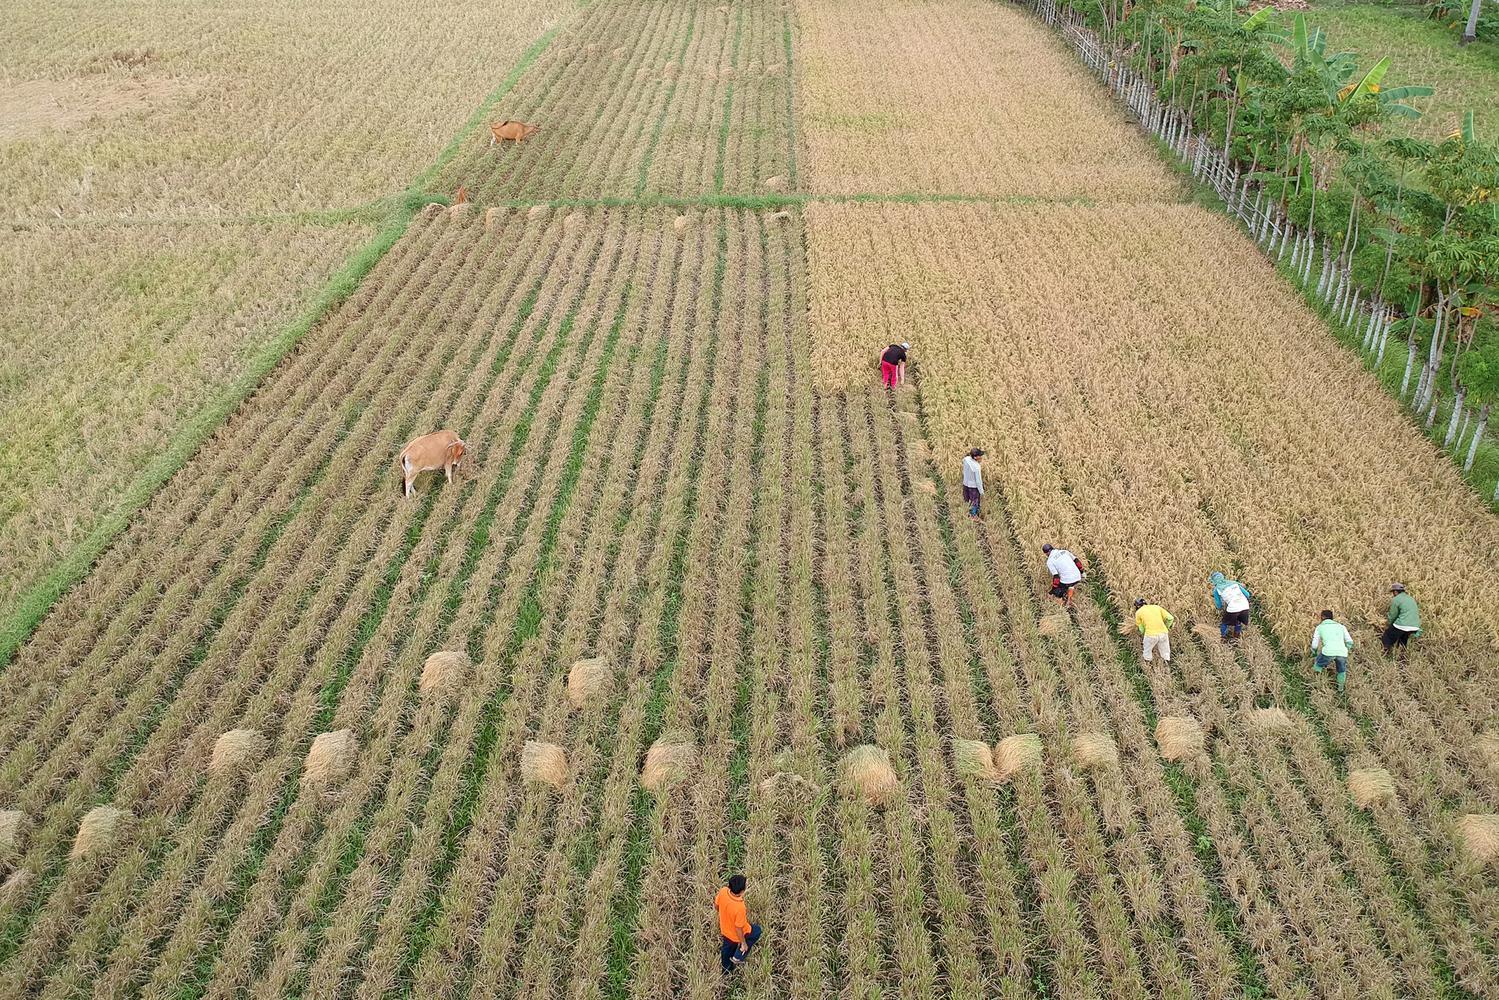 Krisis Pangan Dunia Menghantui Indonesia